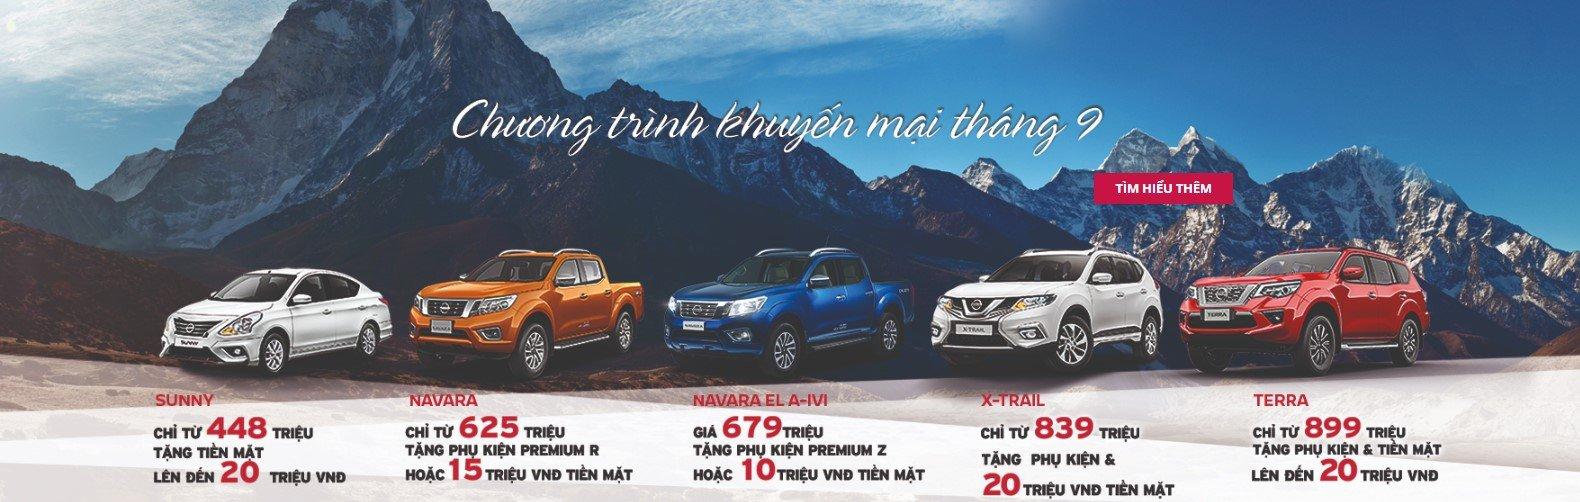 Nissan Việt Nam khuyến mại tháng 9/2019: Ưu đãi đồng loạt cao nhất 20 triệu đồng a1